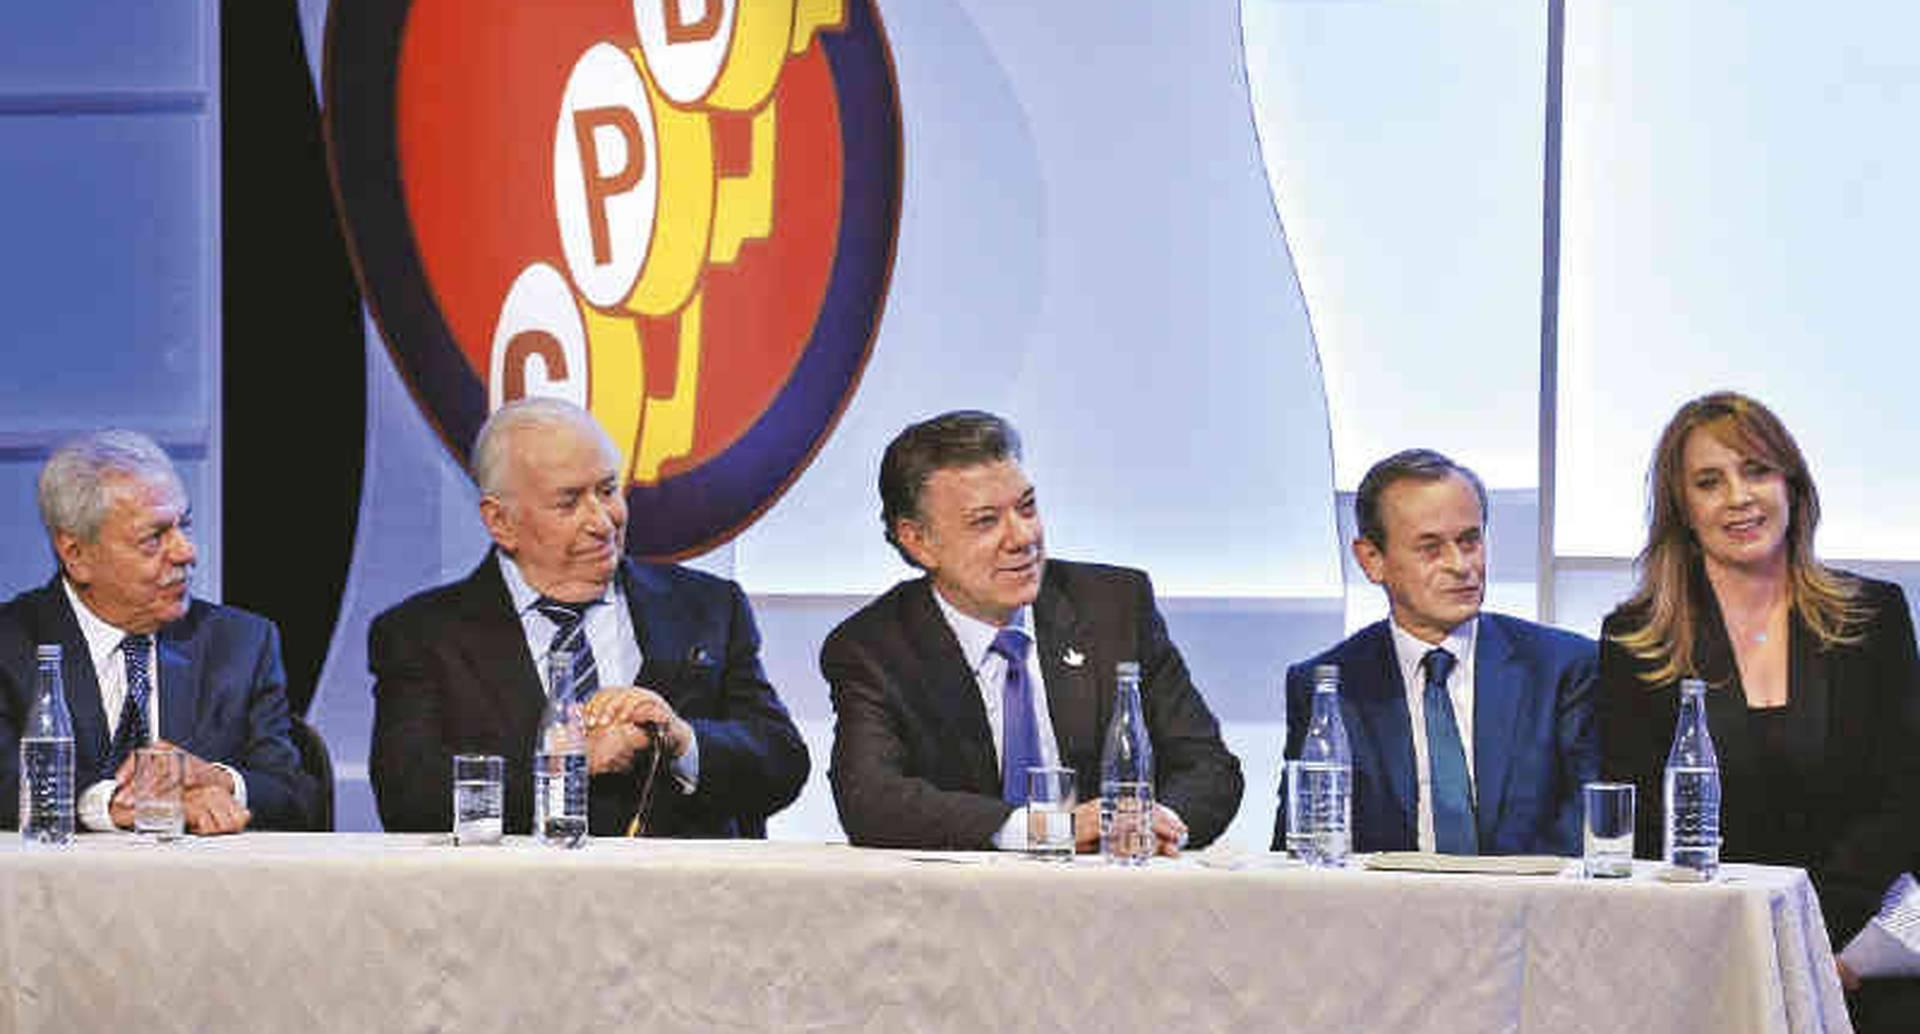 Gabriel Ortiz, Belisario Betancur, Juan Manuel Santos, William Giraldo y María Elvira Arango